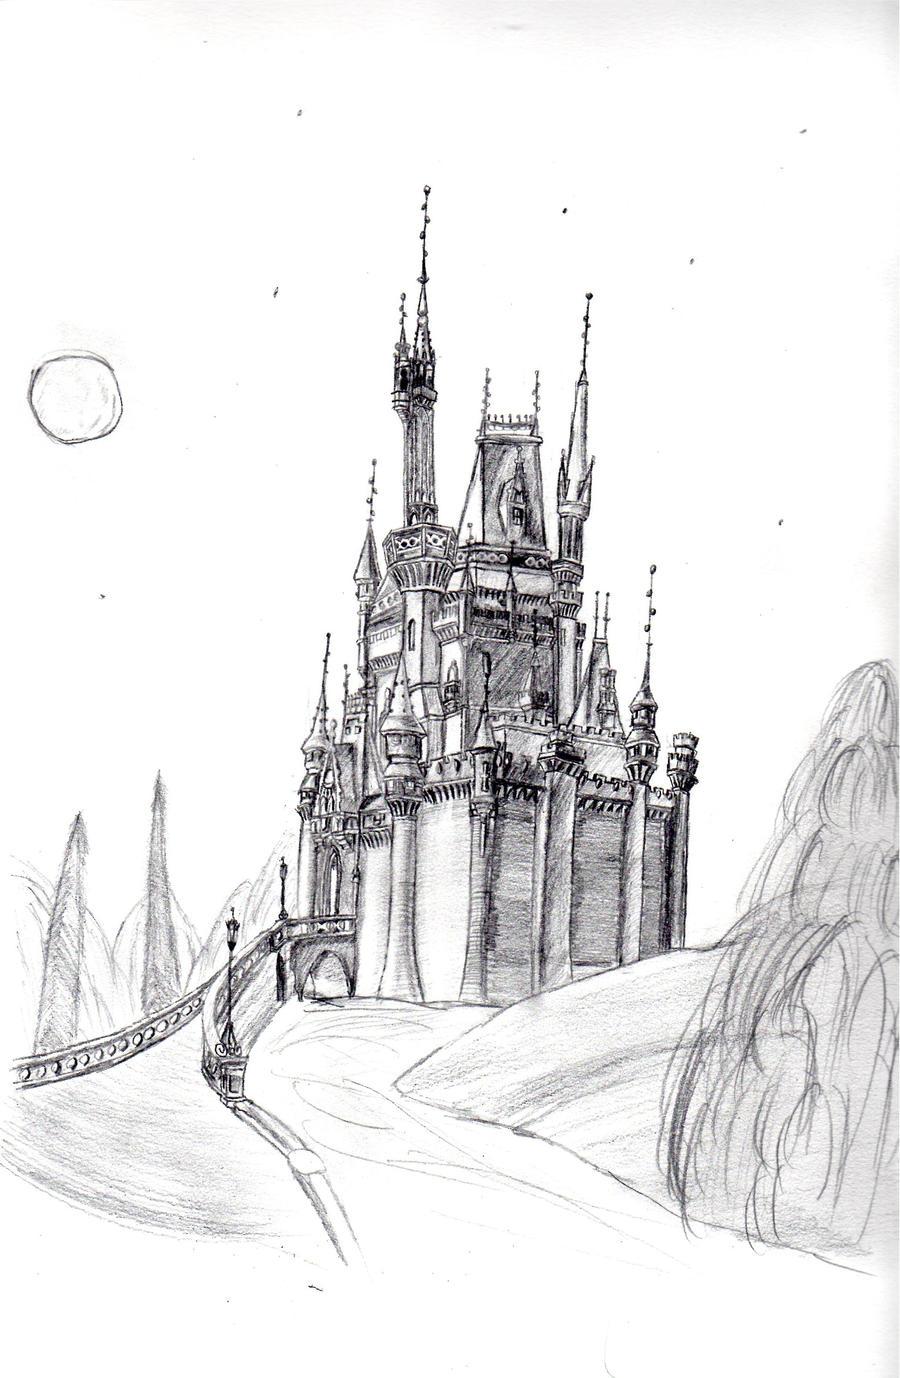 Cinderellas Castle By FalseDisposition On DeviantArt